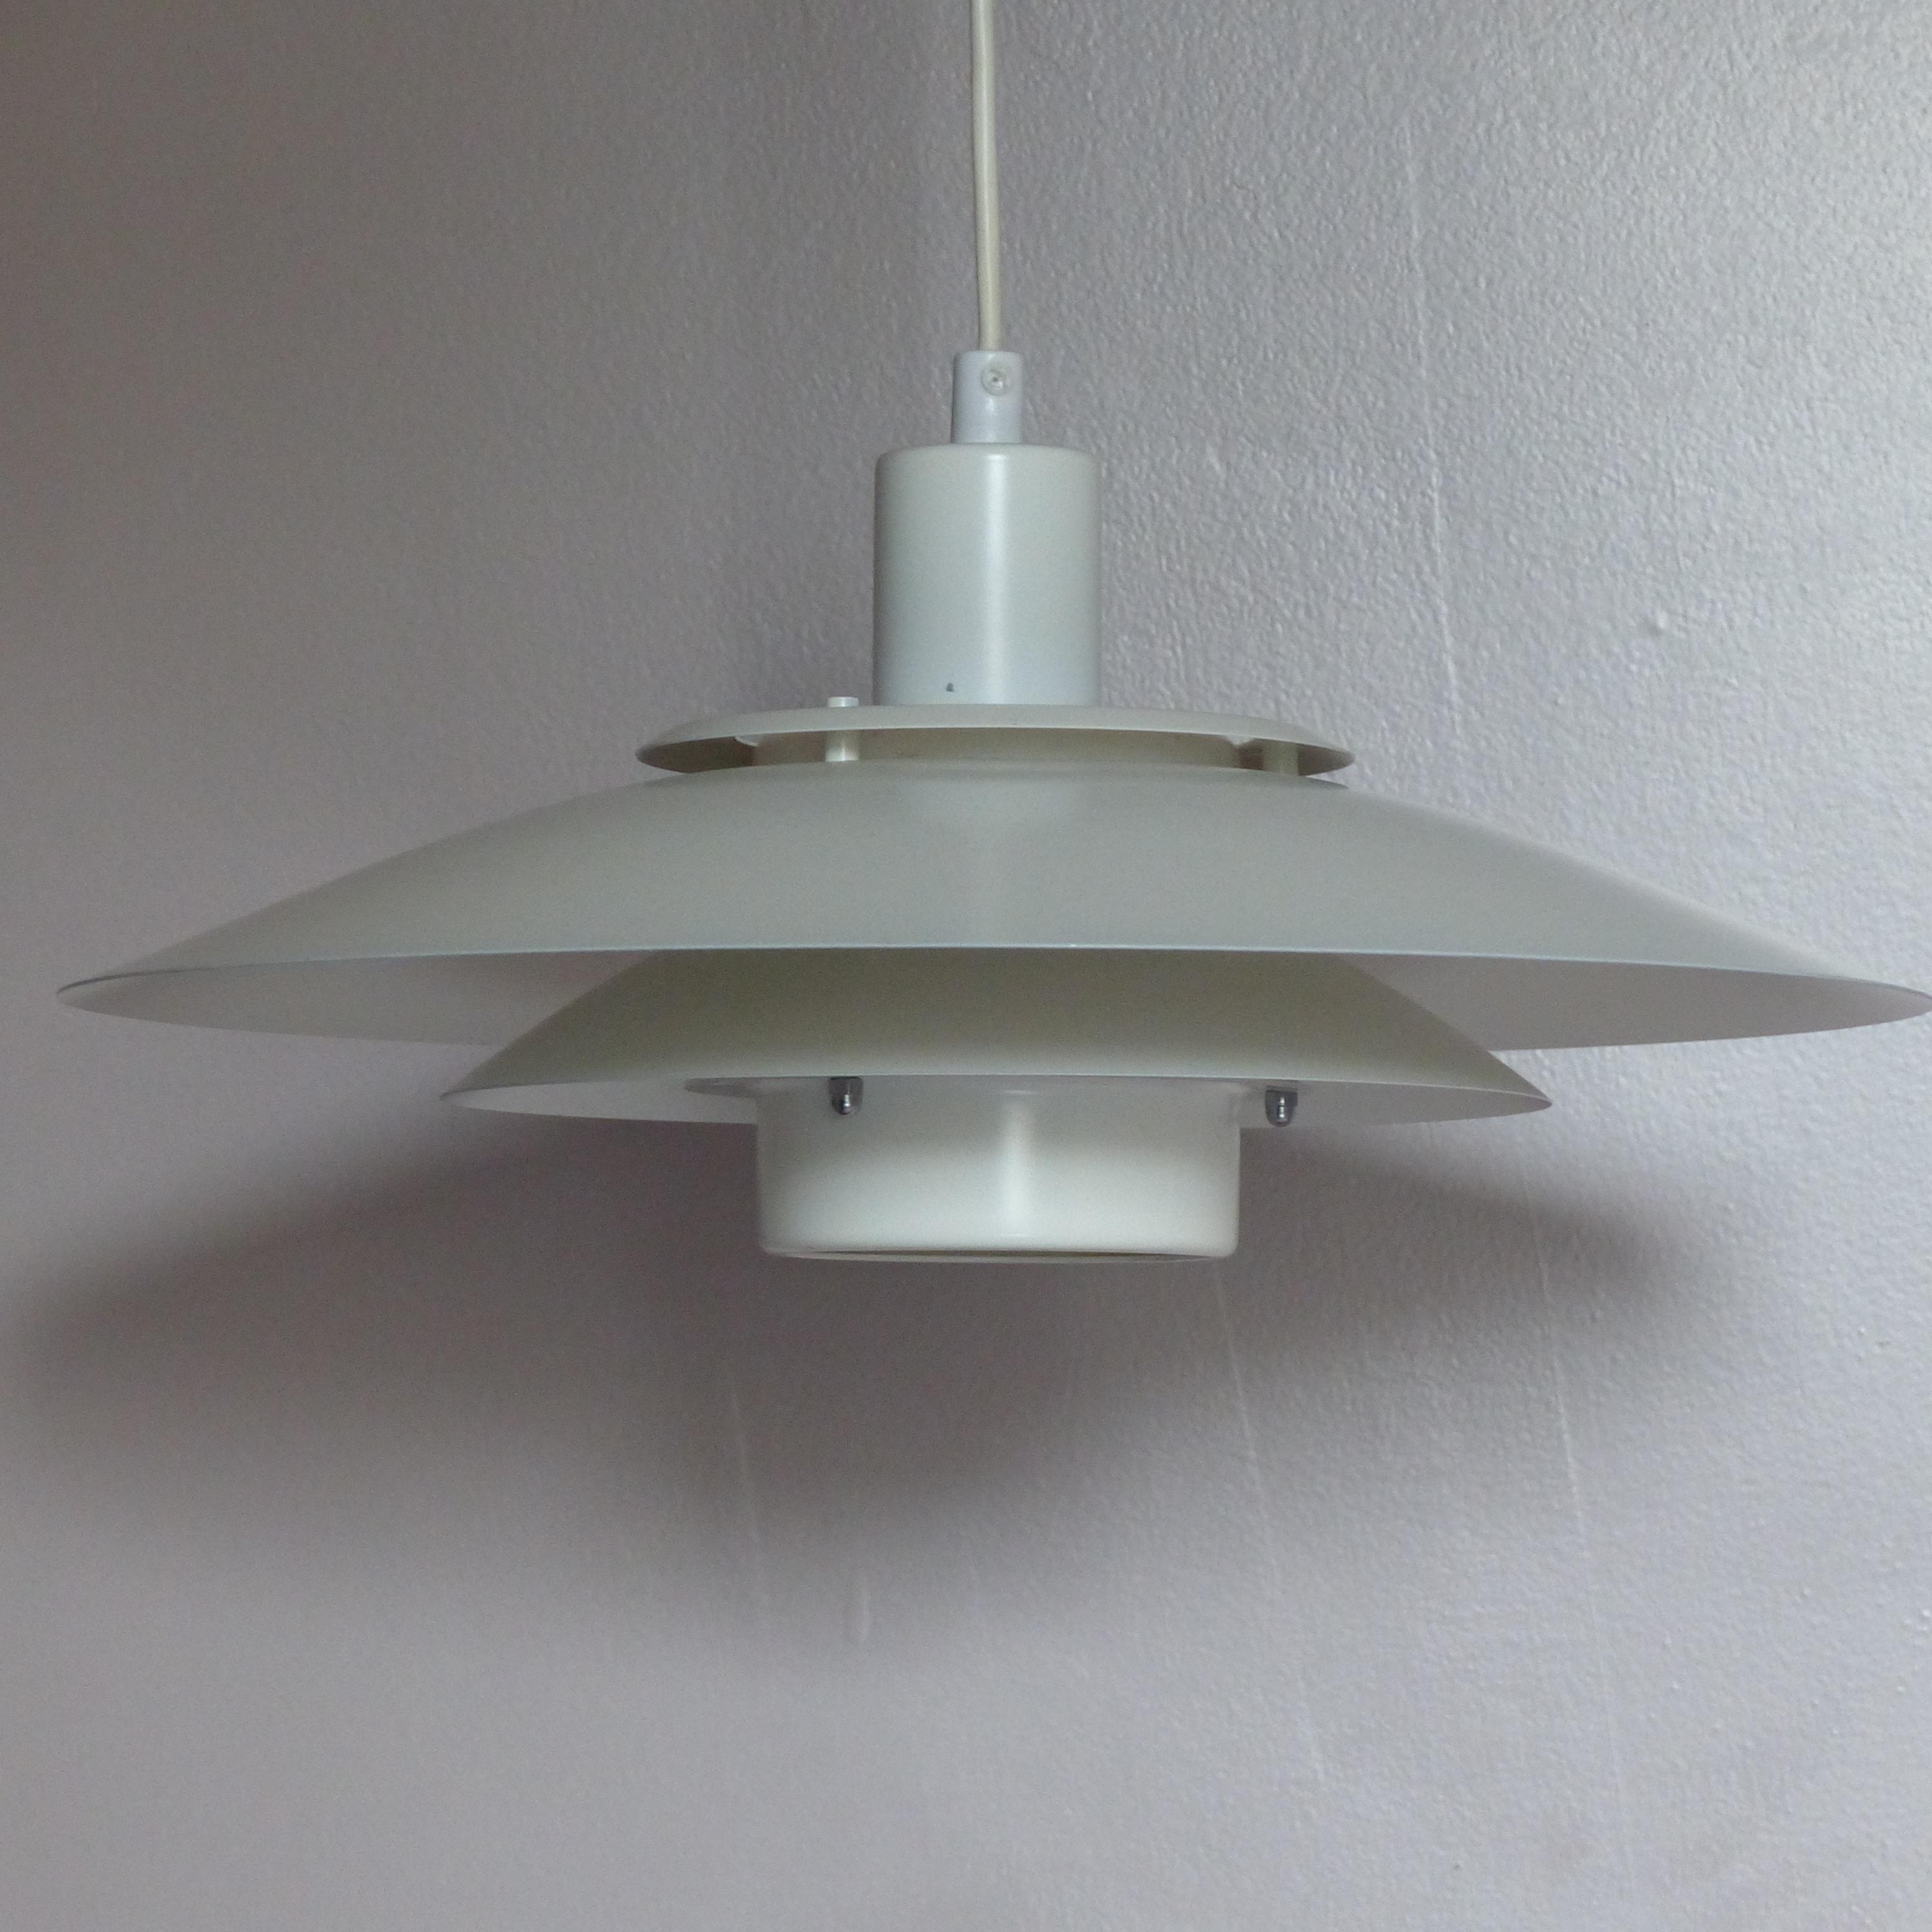 suspension scandinave vintage lignedebrocante brocante en ligne chine pour vous meubles. Black Bedroom Furniture Sets. Home Design Ideas